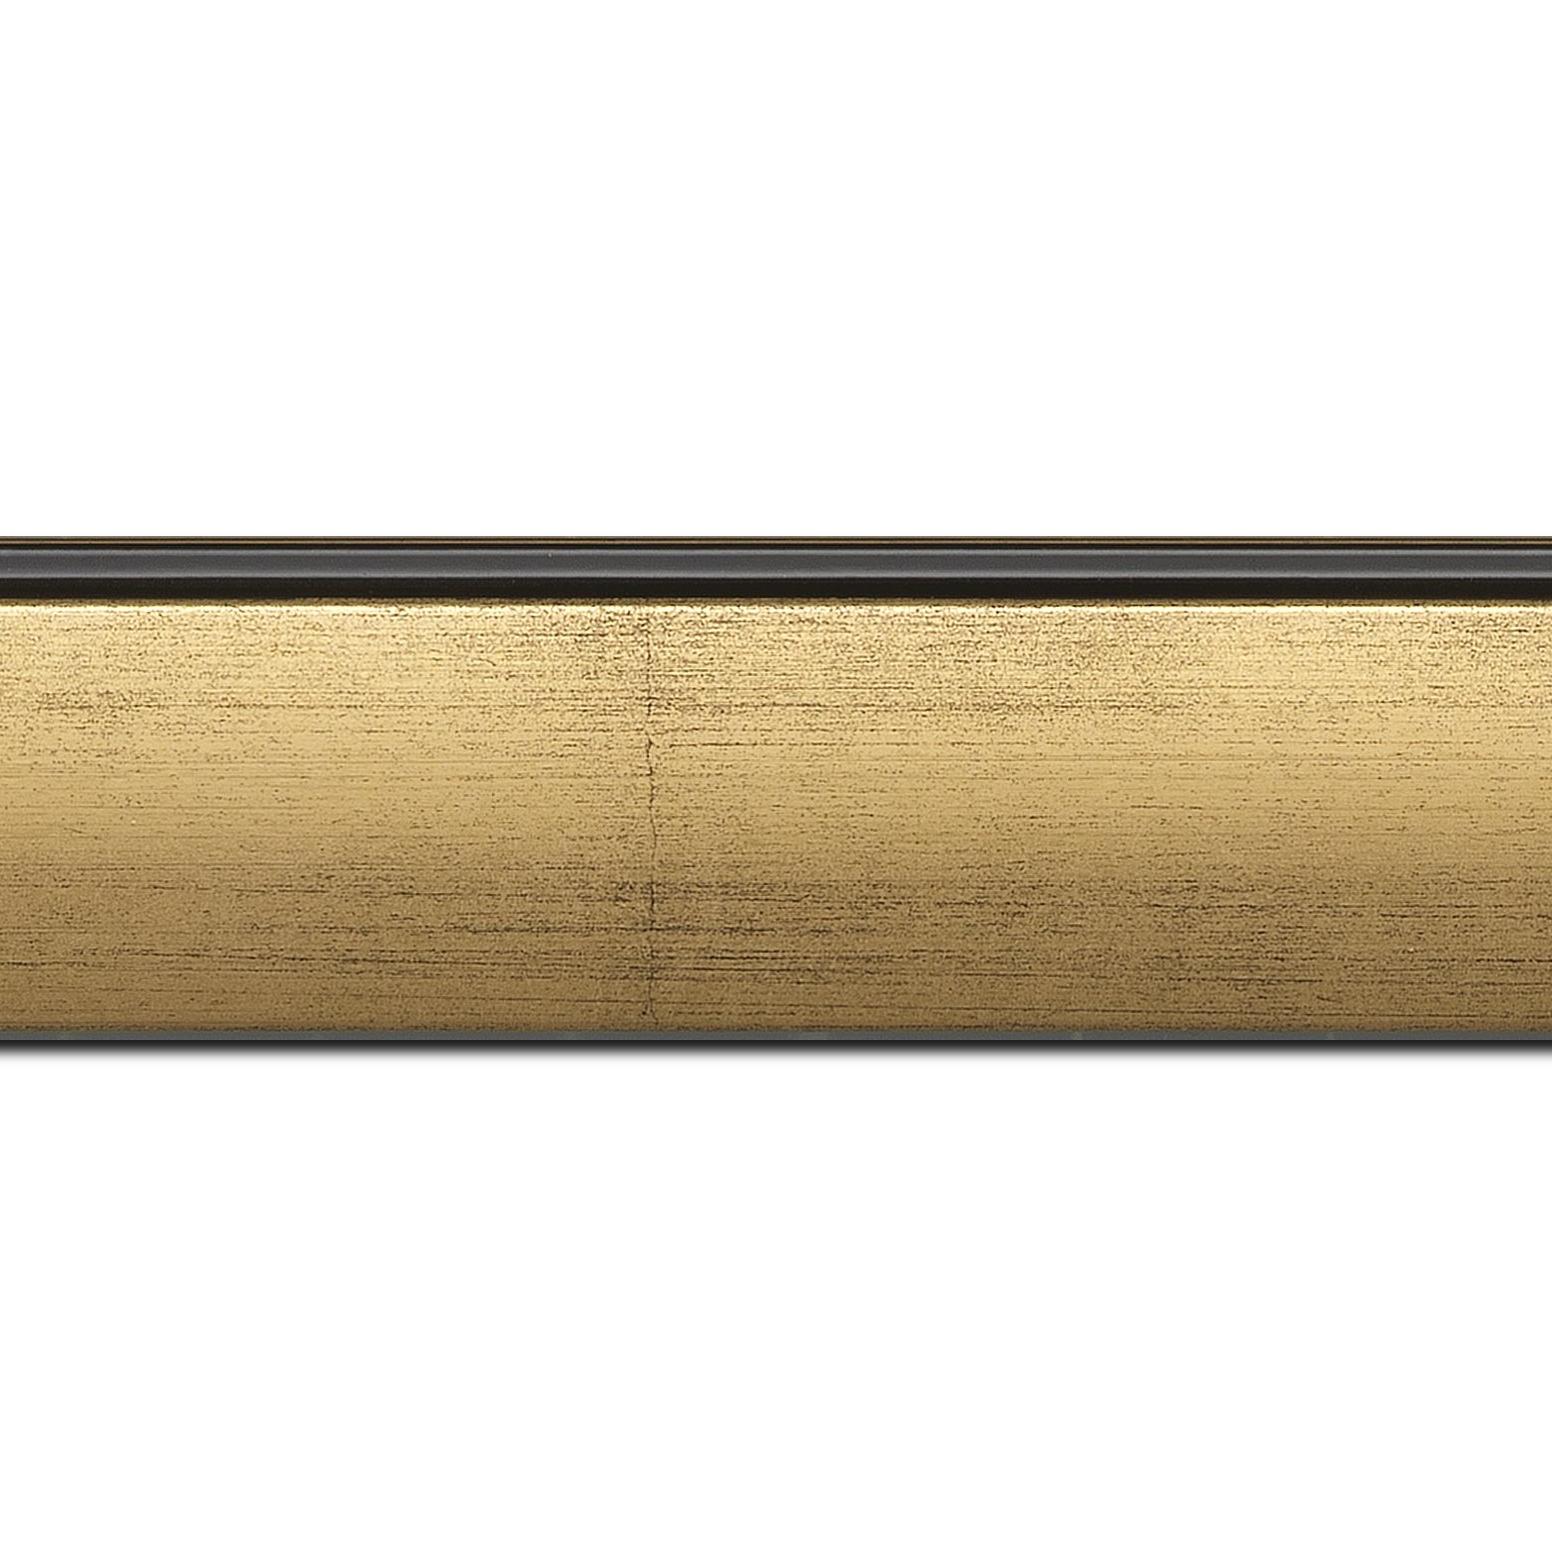 Baguette longueur 1.40m bois profil en pente méplat largeur 4.8cm or satiné surligné par une gorge extérieure noire : originalité et élégance assurée